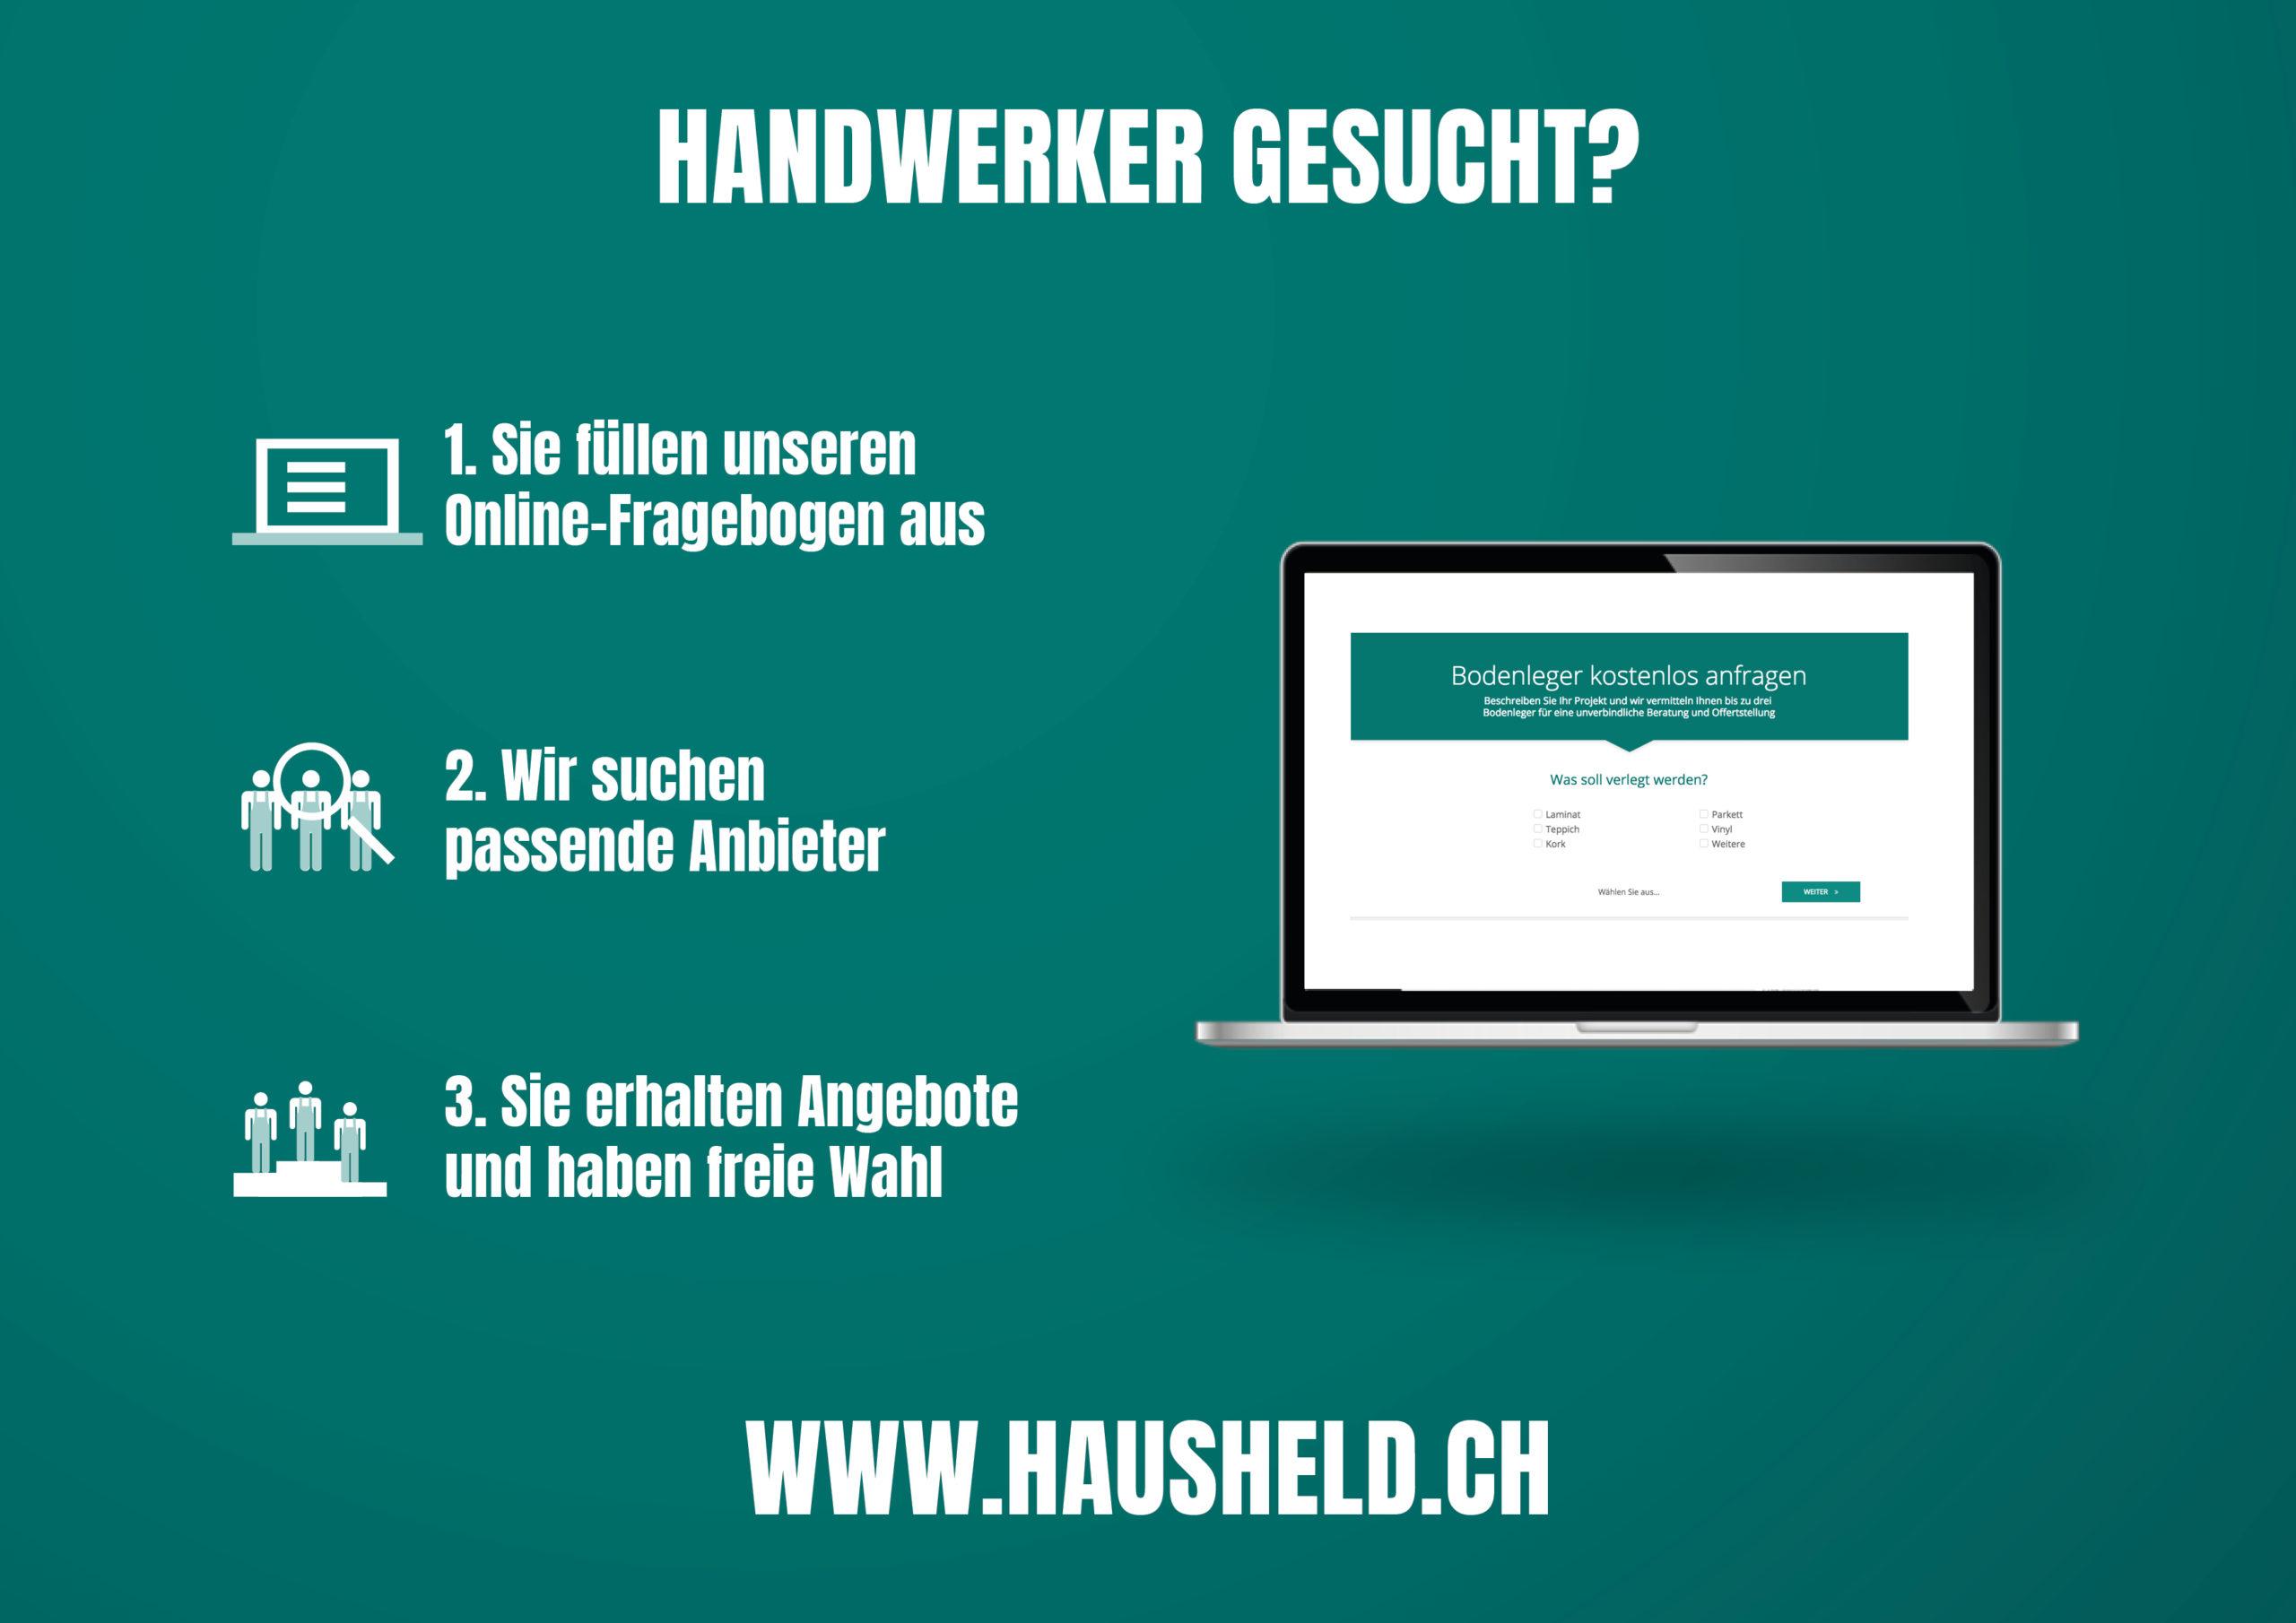 PR Bild Hausheld handwerker gesucht scaled - Startups rund um den Bodensee